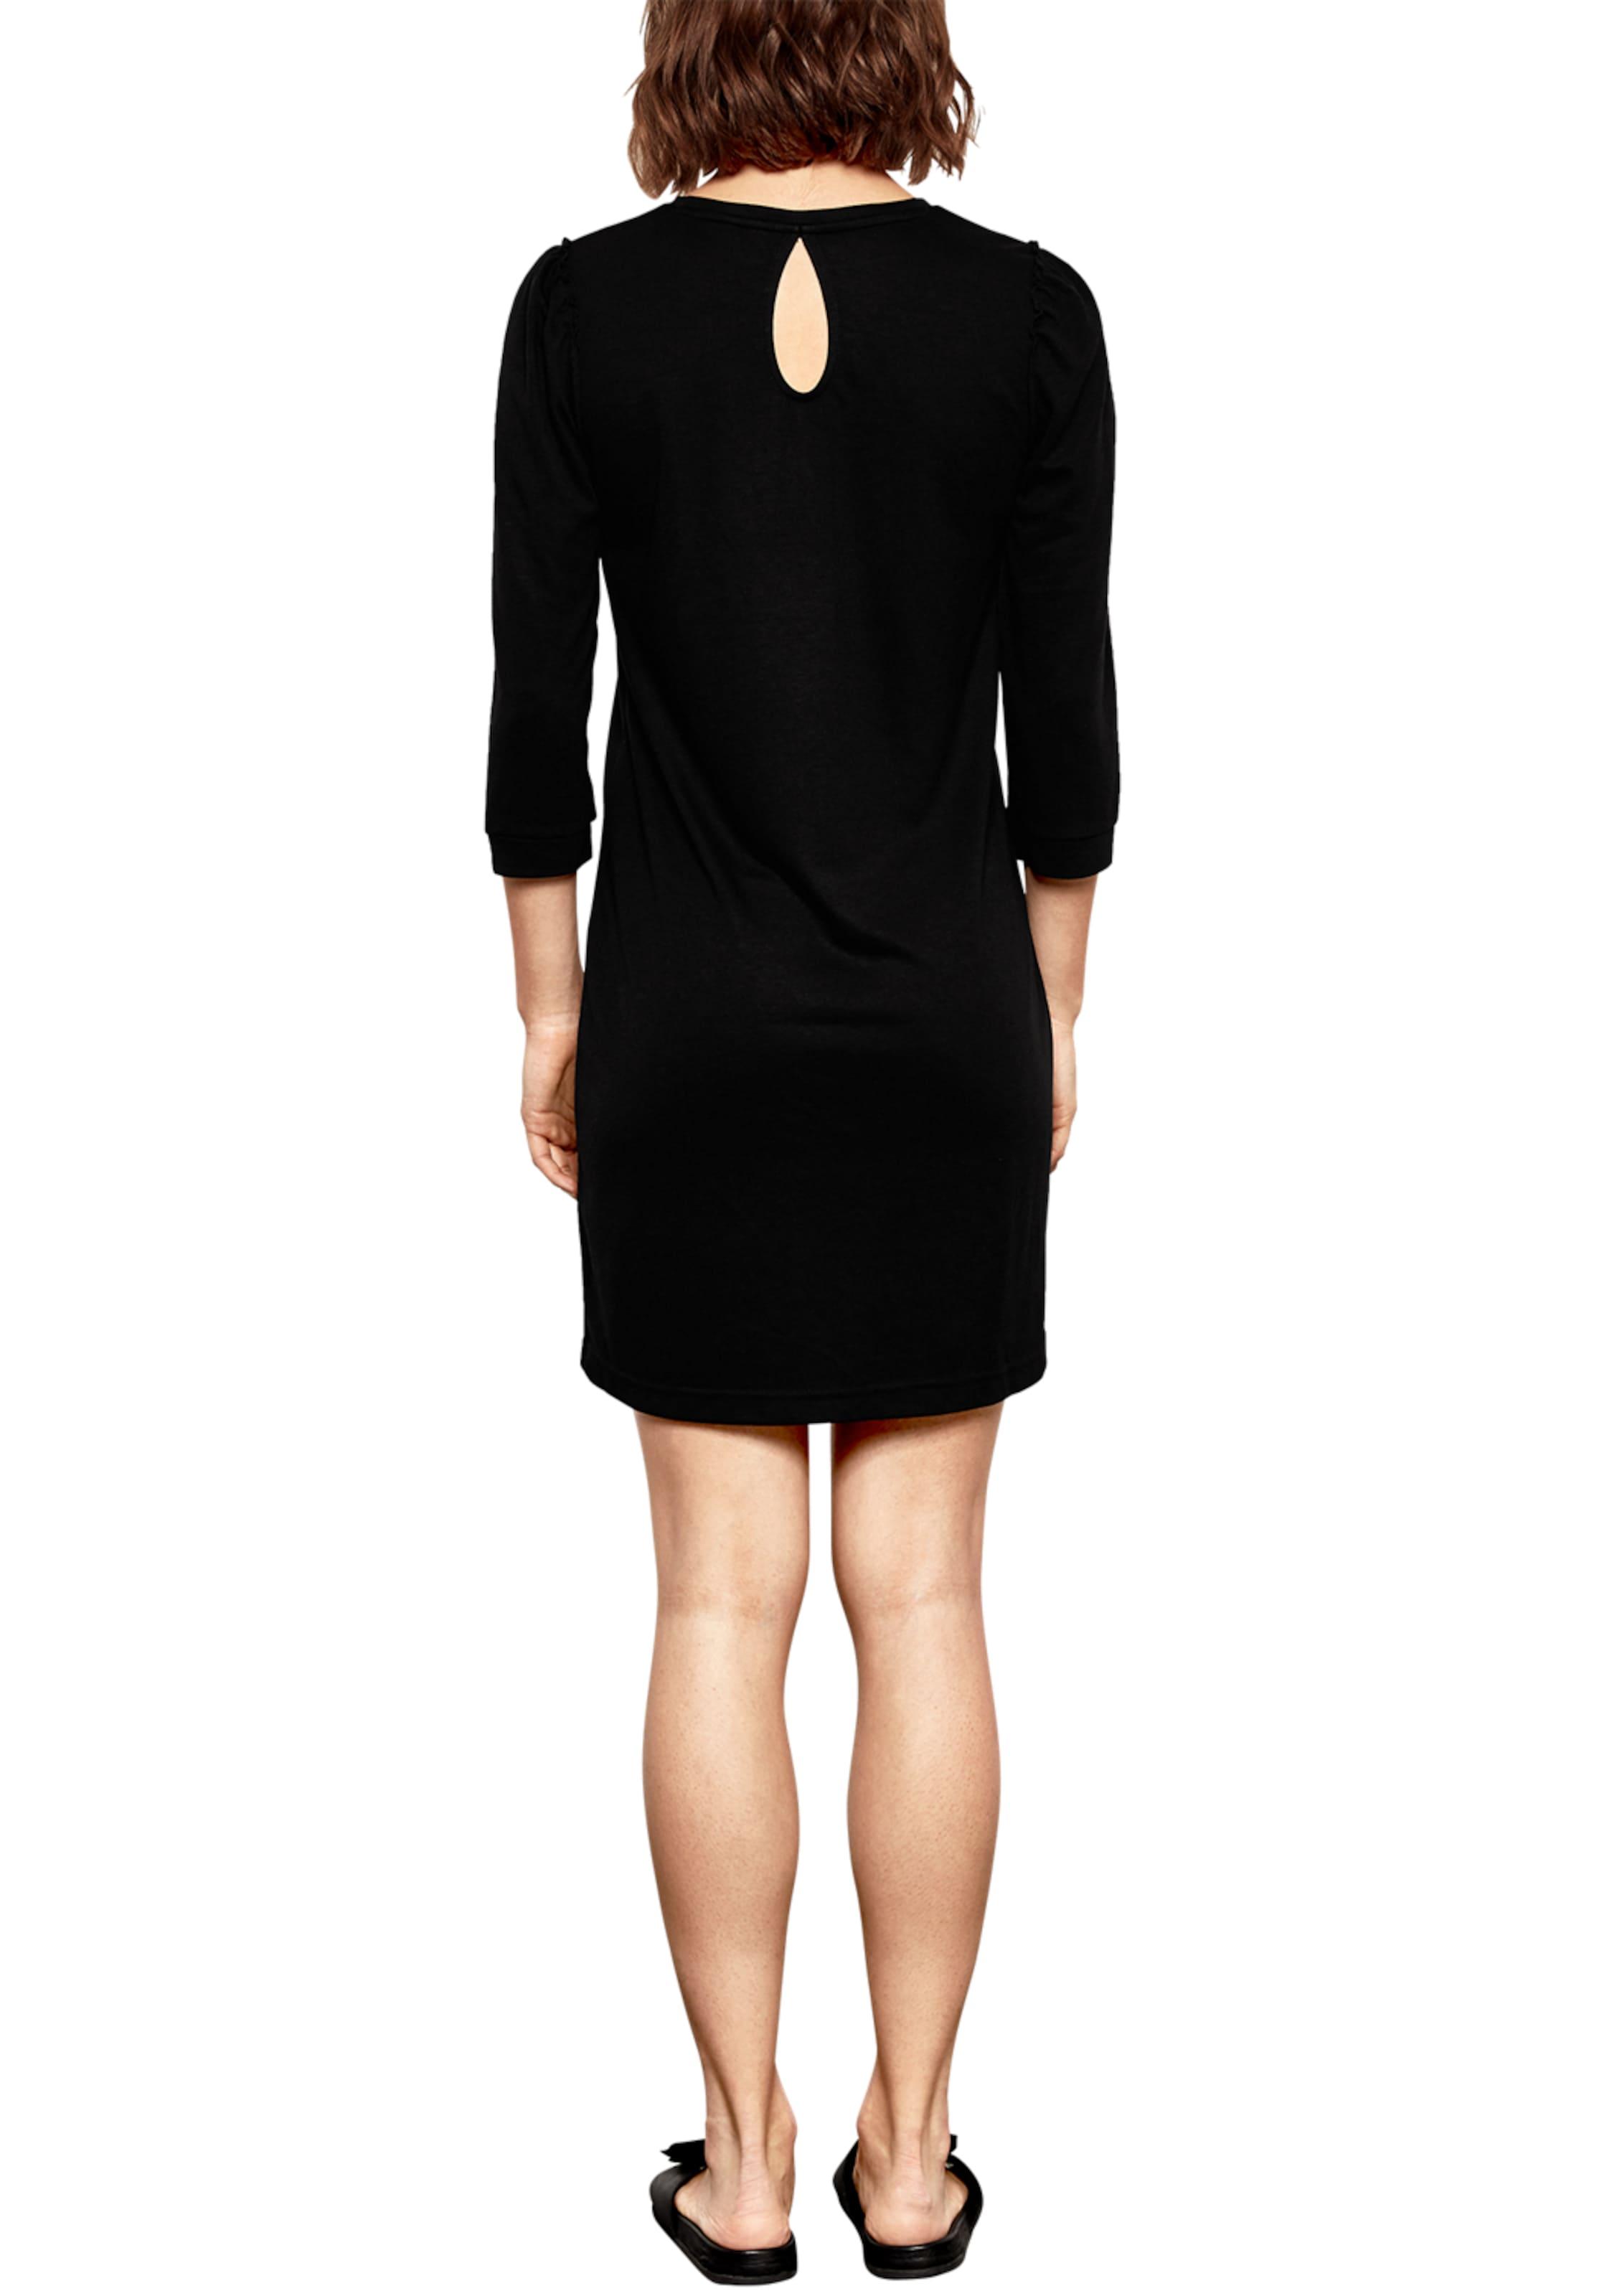 Schwarz In Designed Kleid Q s By rsQhtdC